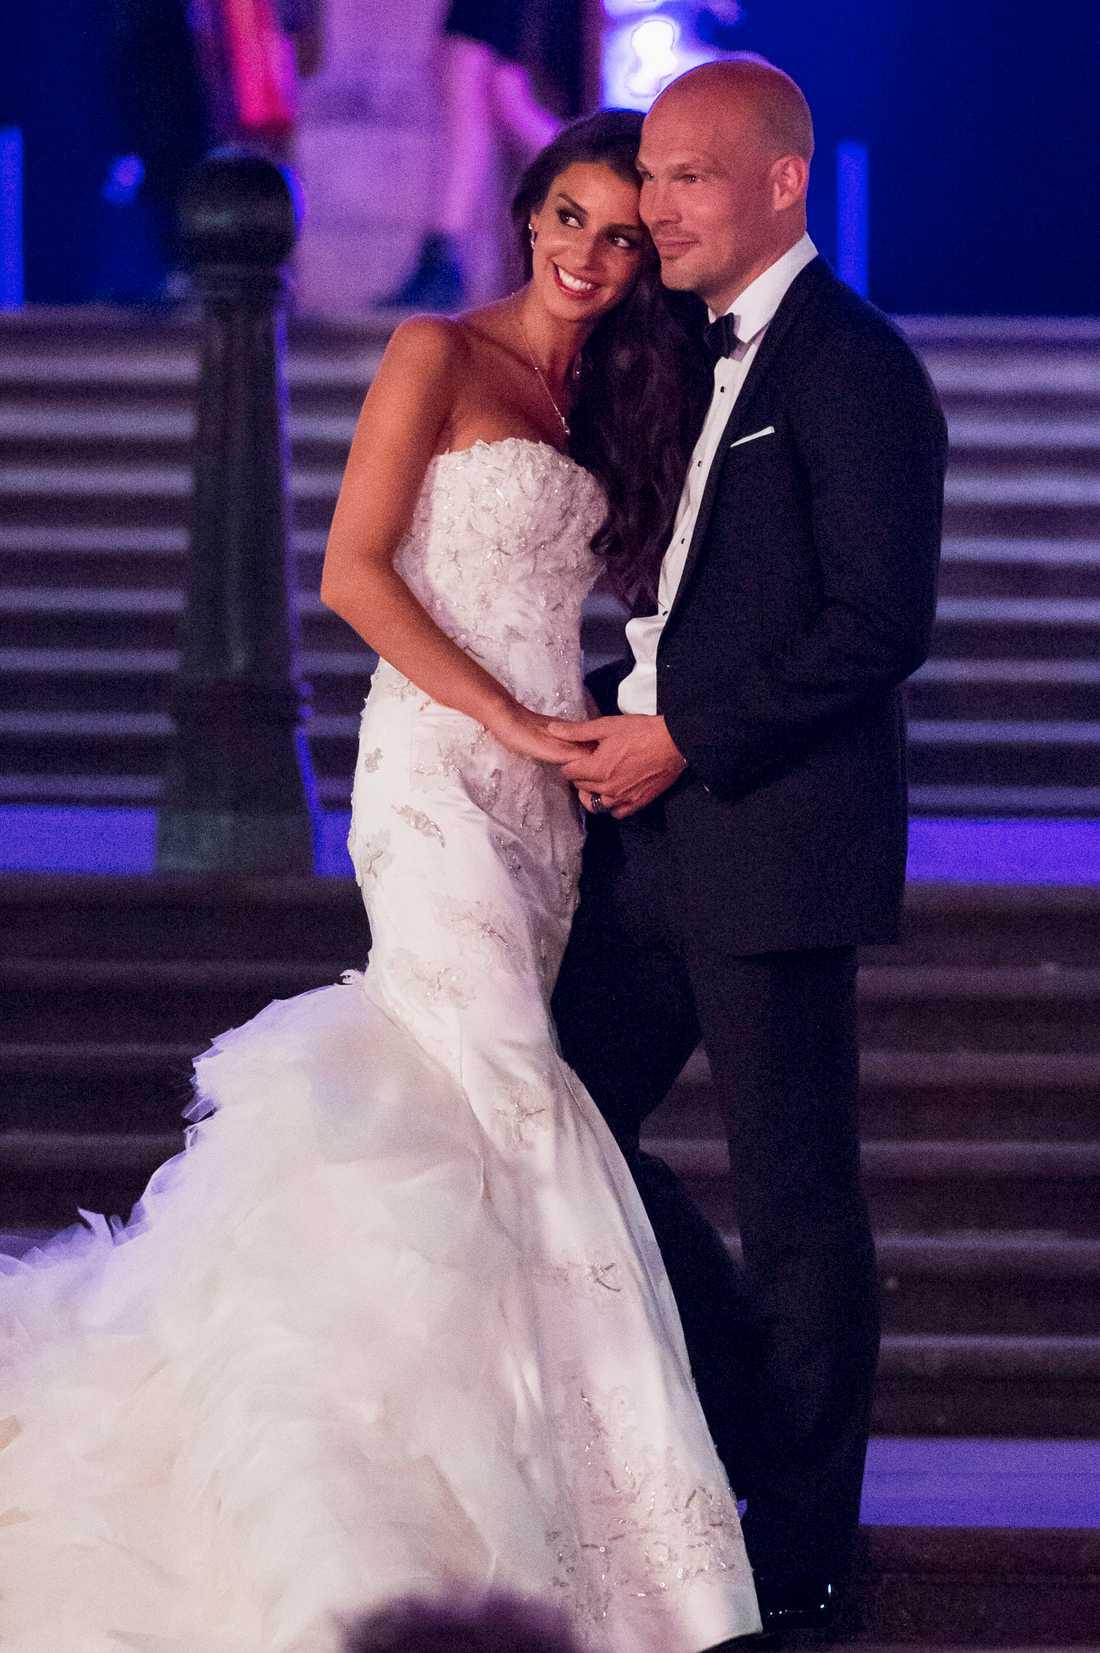 Fredrik Ljungberg och Natalie Foster gifter sig och hade sin fest på London History Museum.